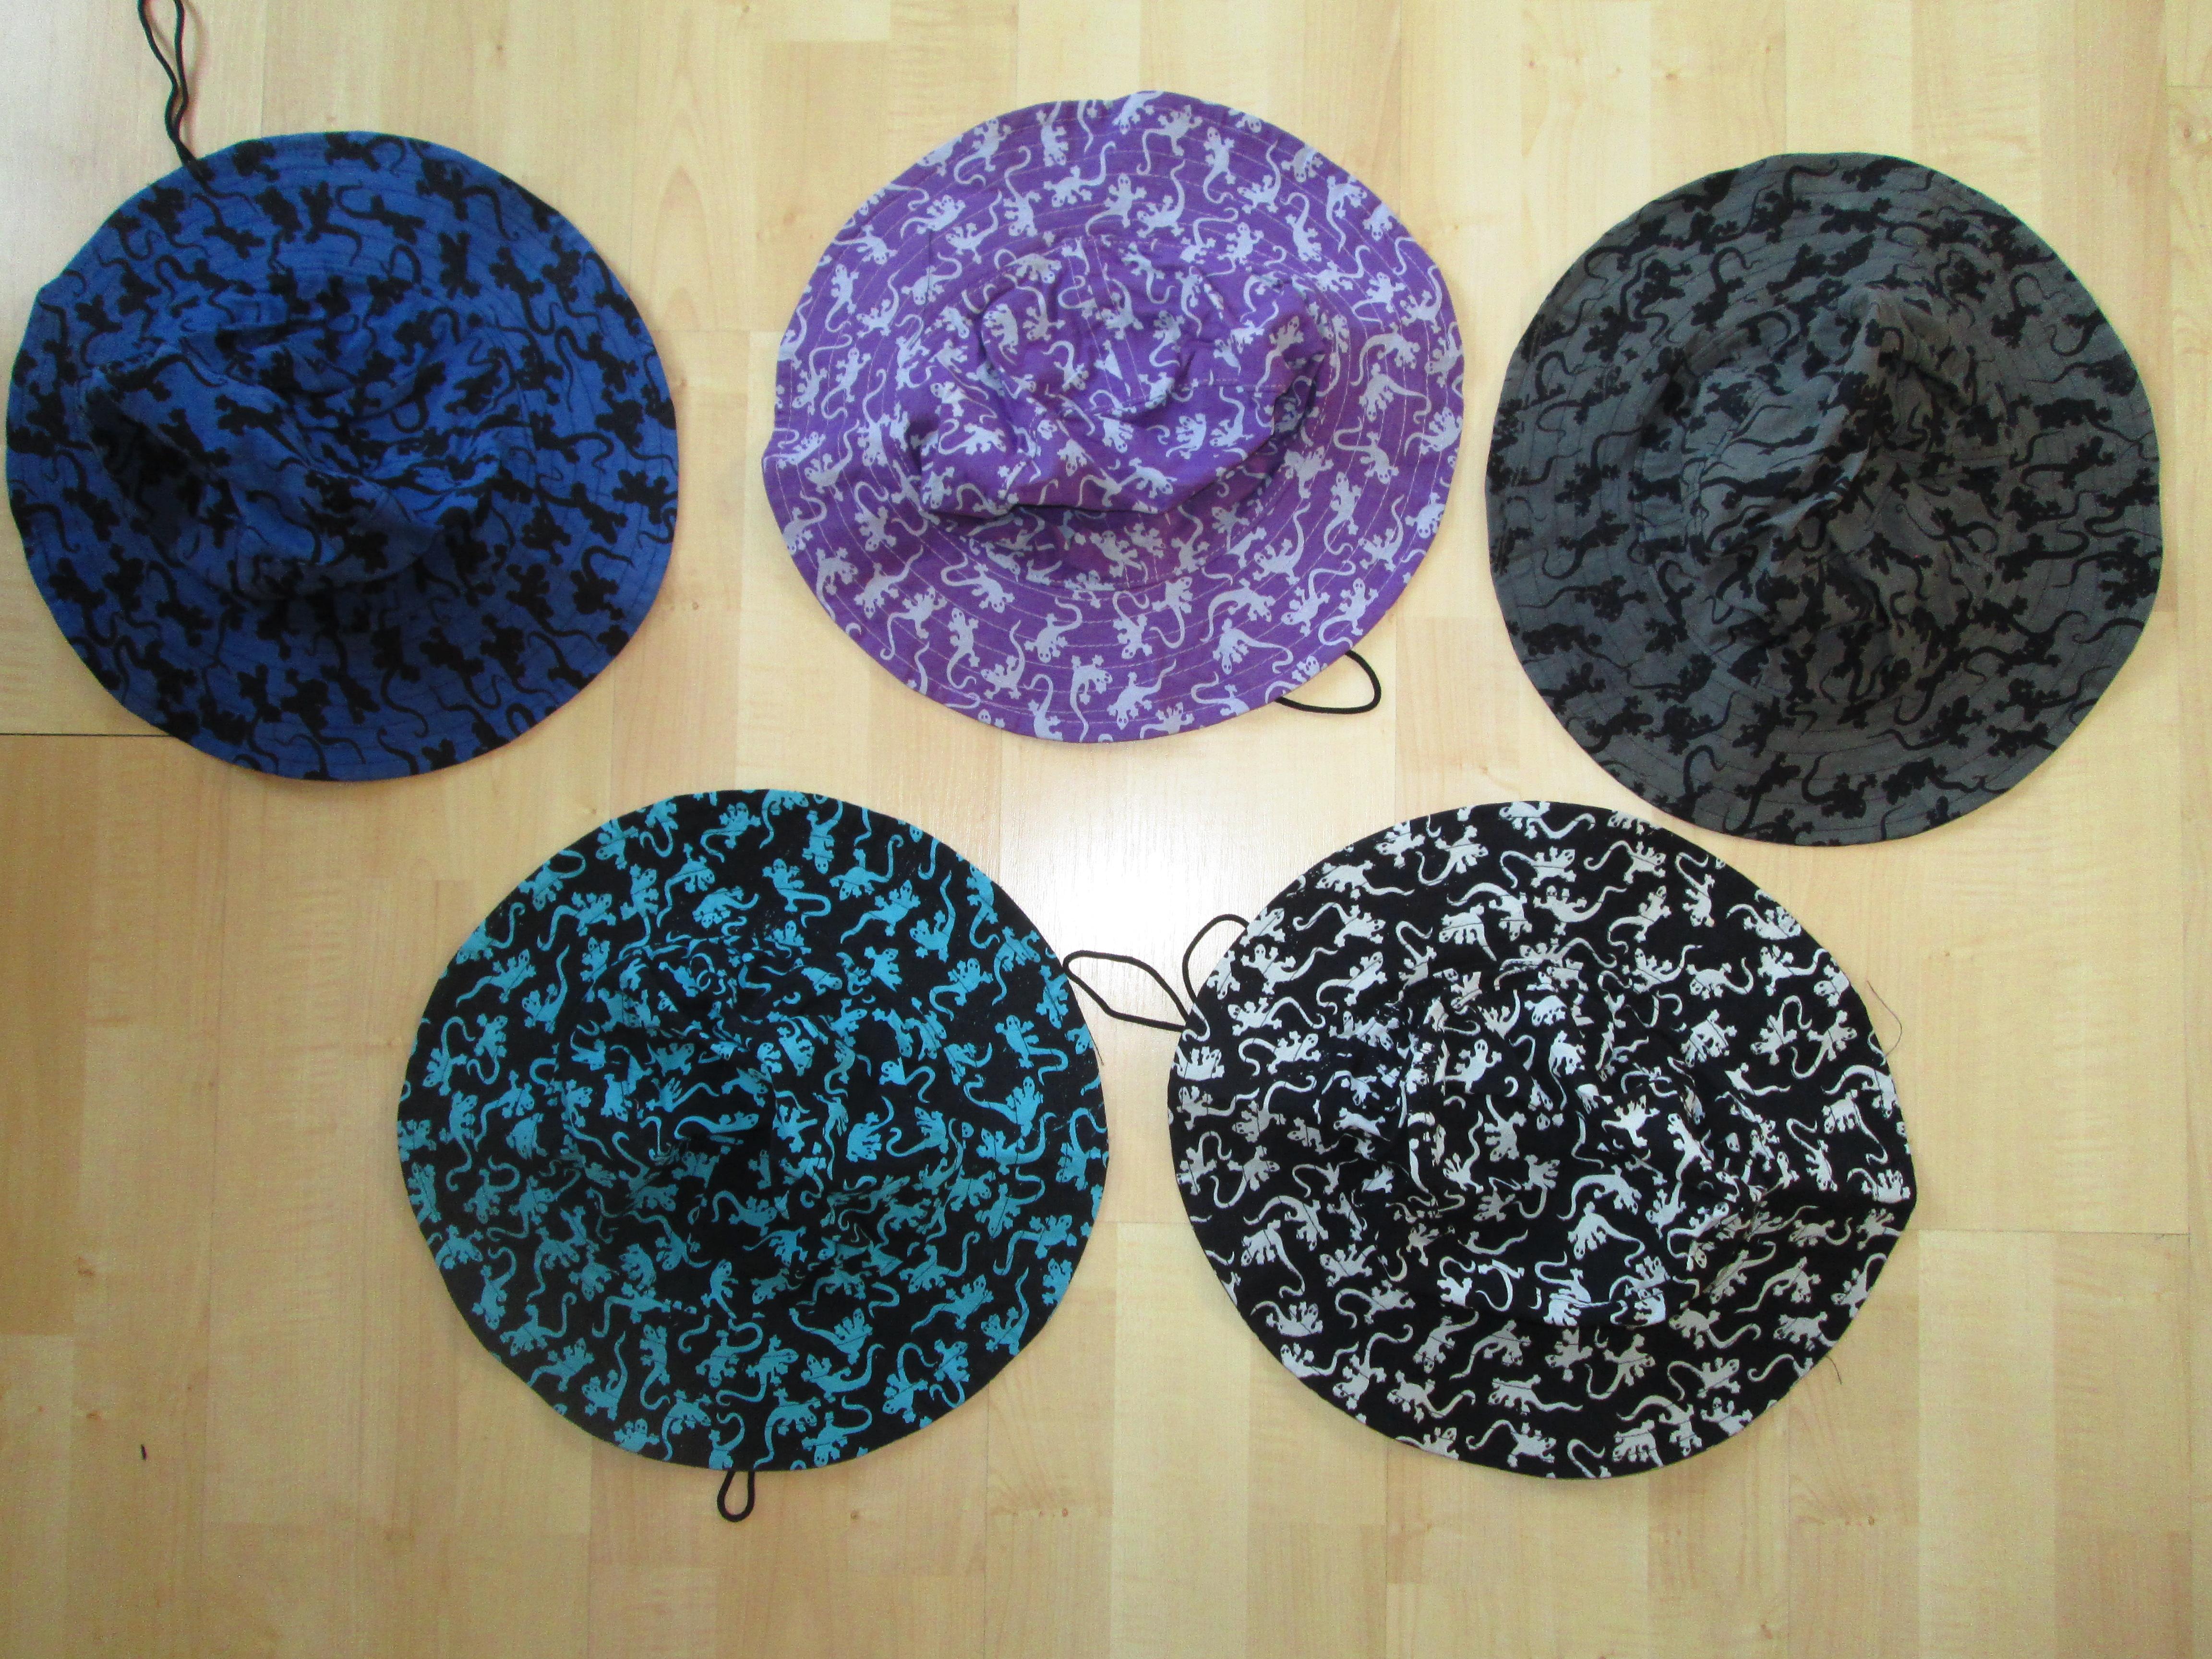 cappelli geki stampati in misura adulto confezione di 10 pz in 5 colori